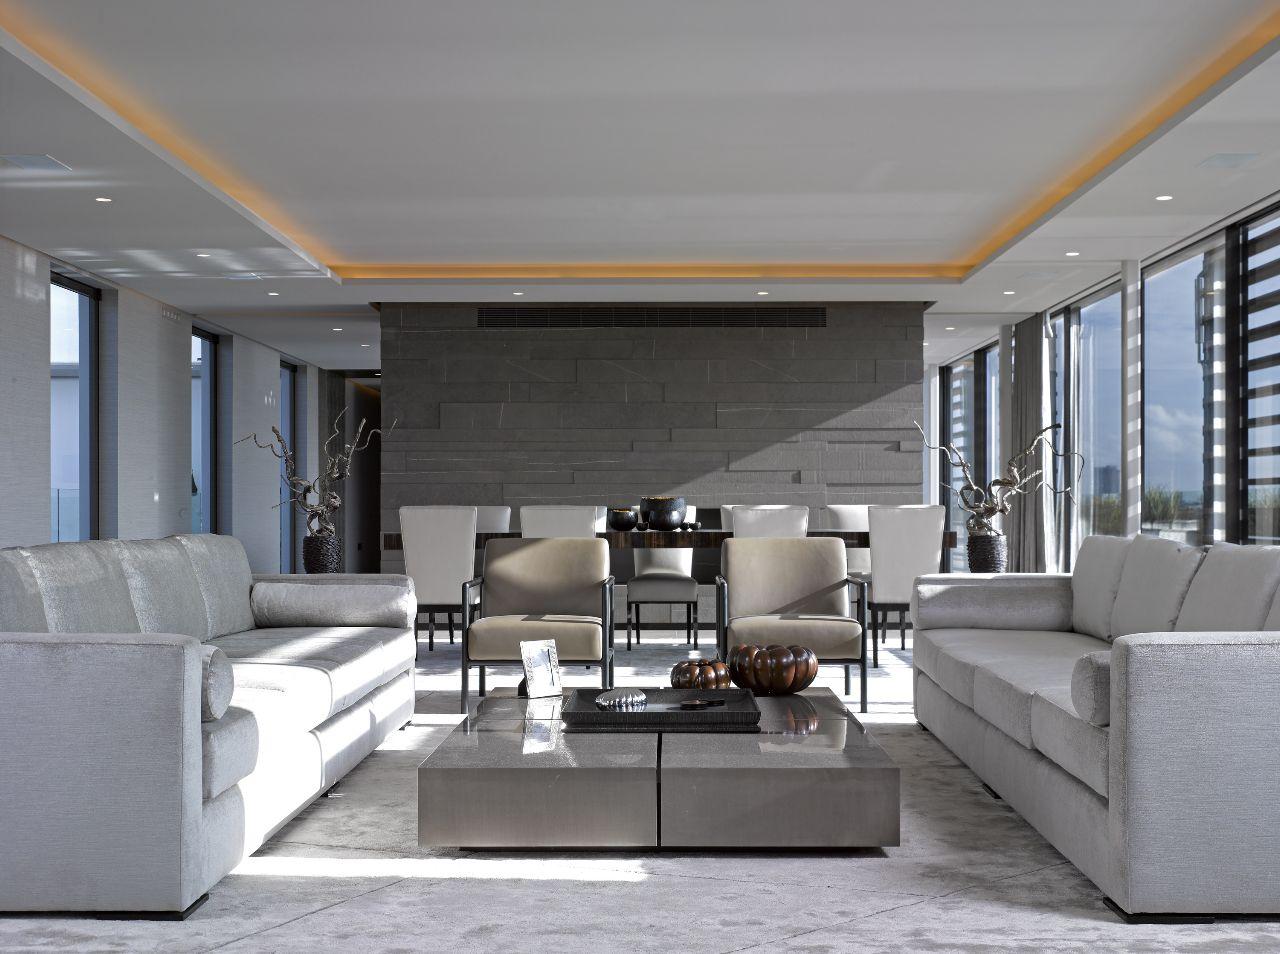 53 Inspirational Living Room Decor Ideas | Canapé | Pinterest ...